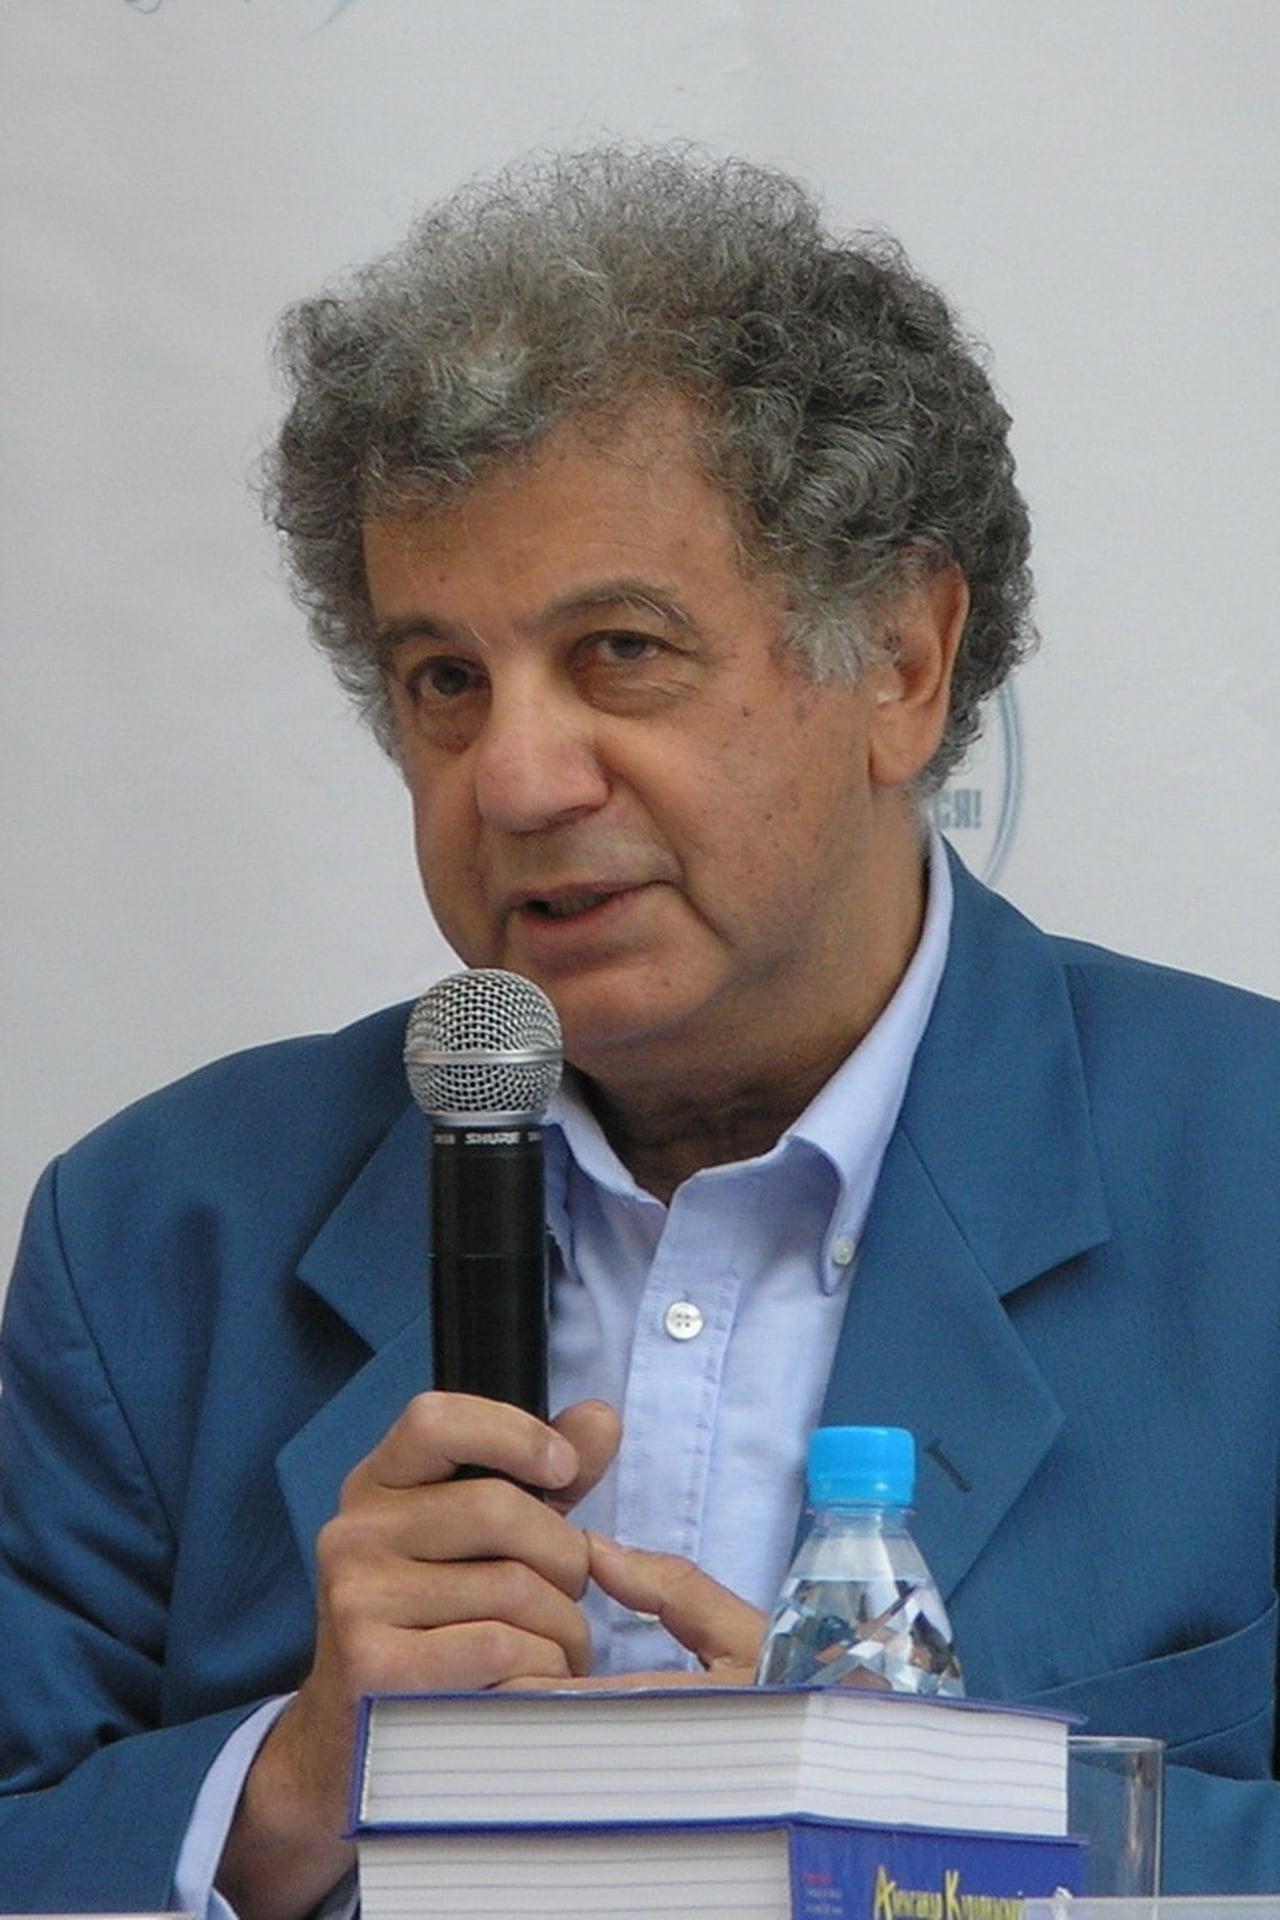 Aleksandr Kurlyandskiy